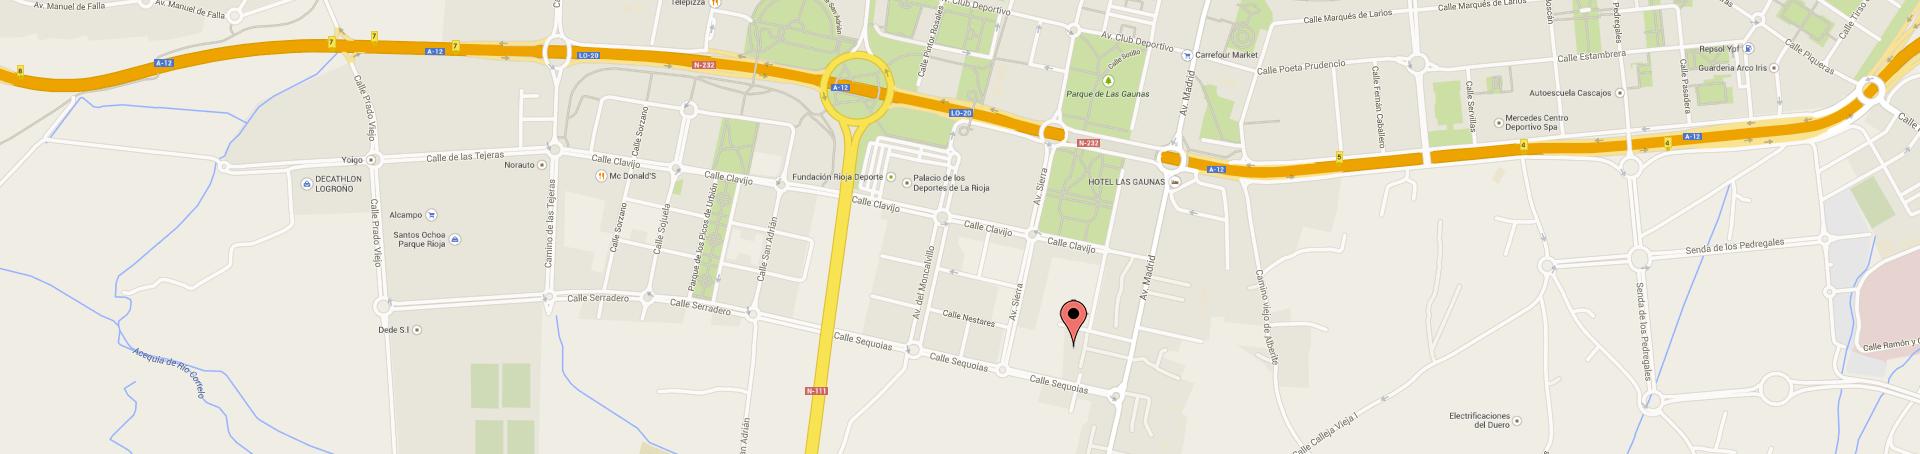 mapa-colegio